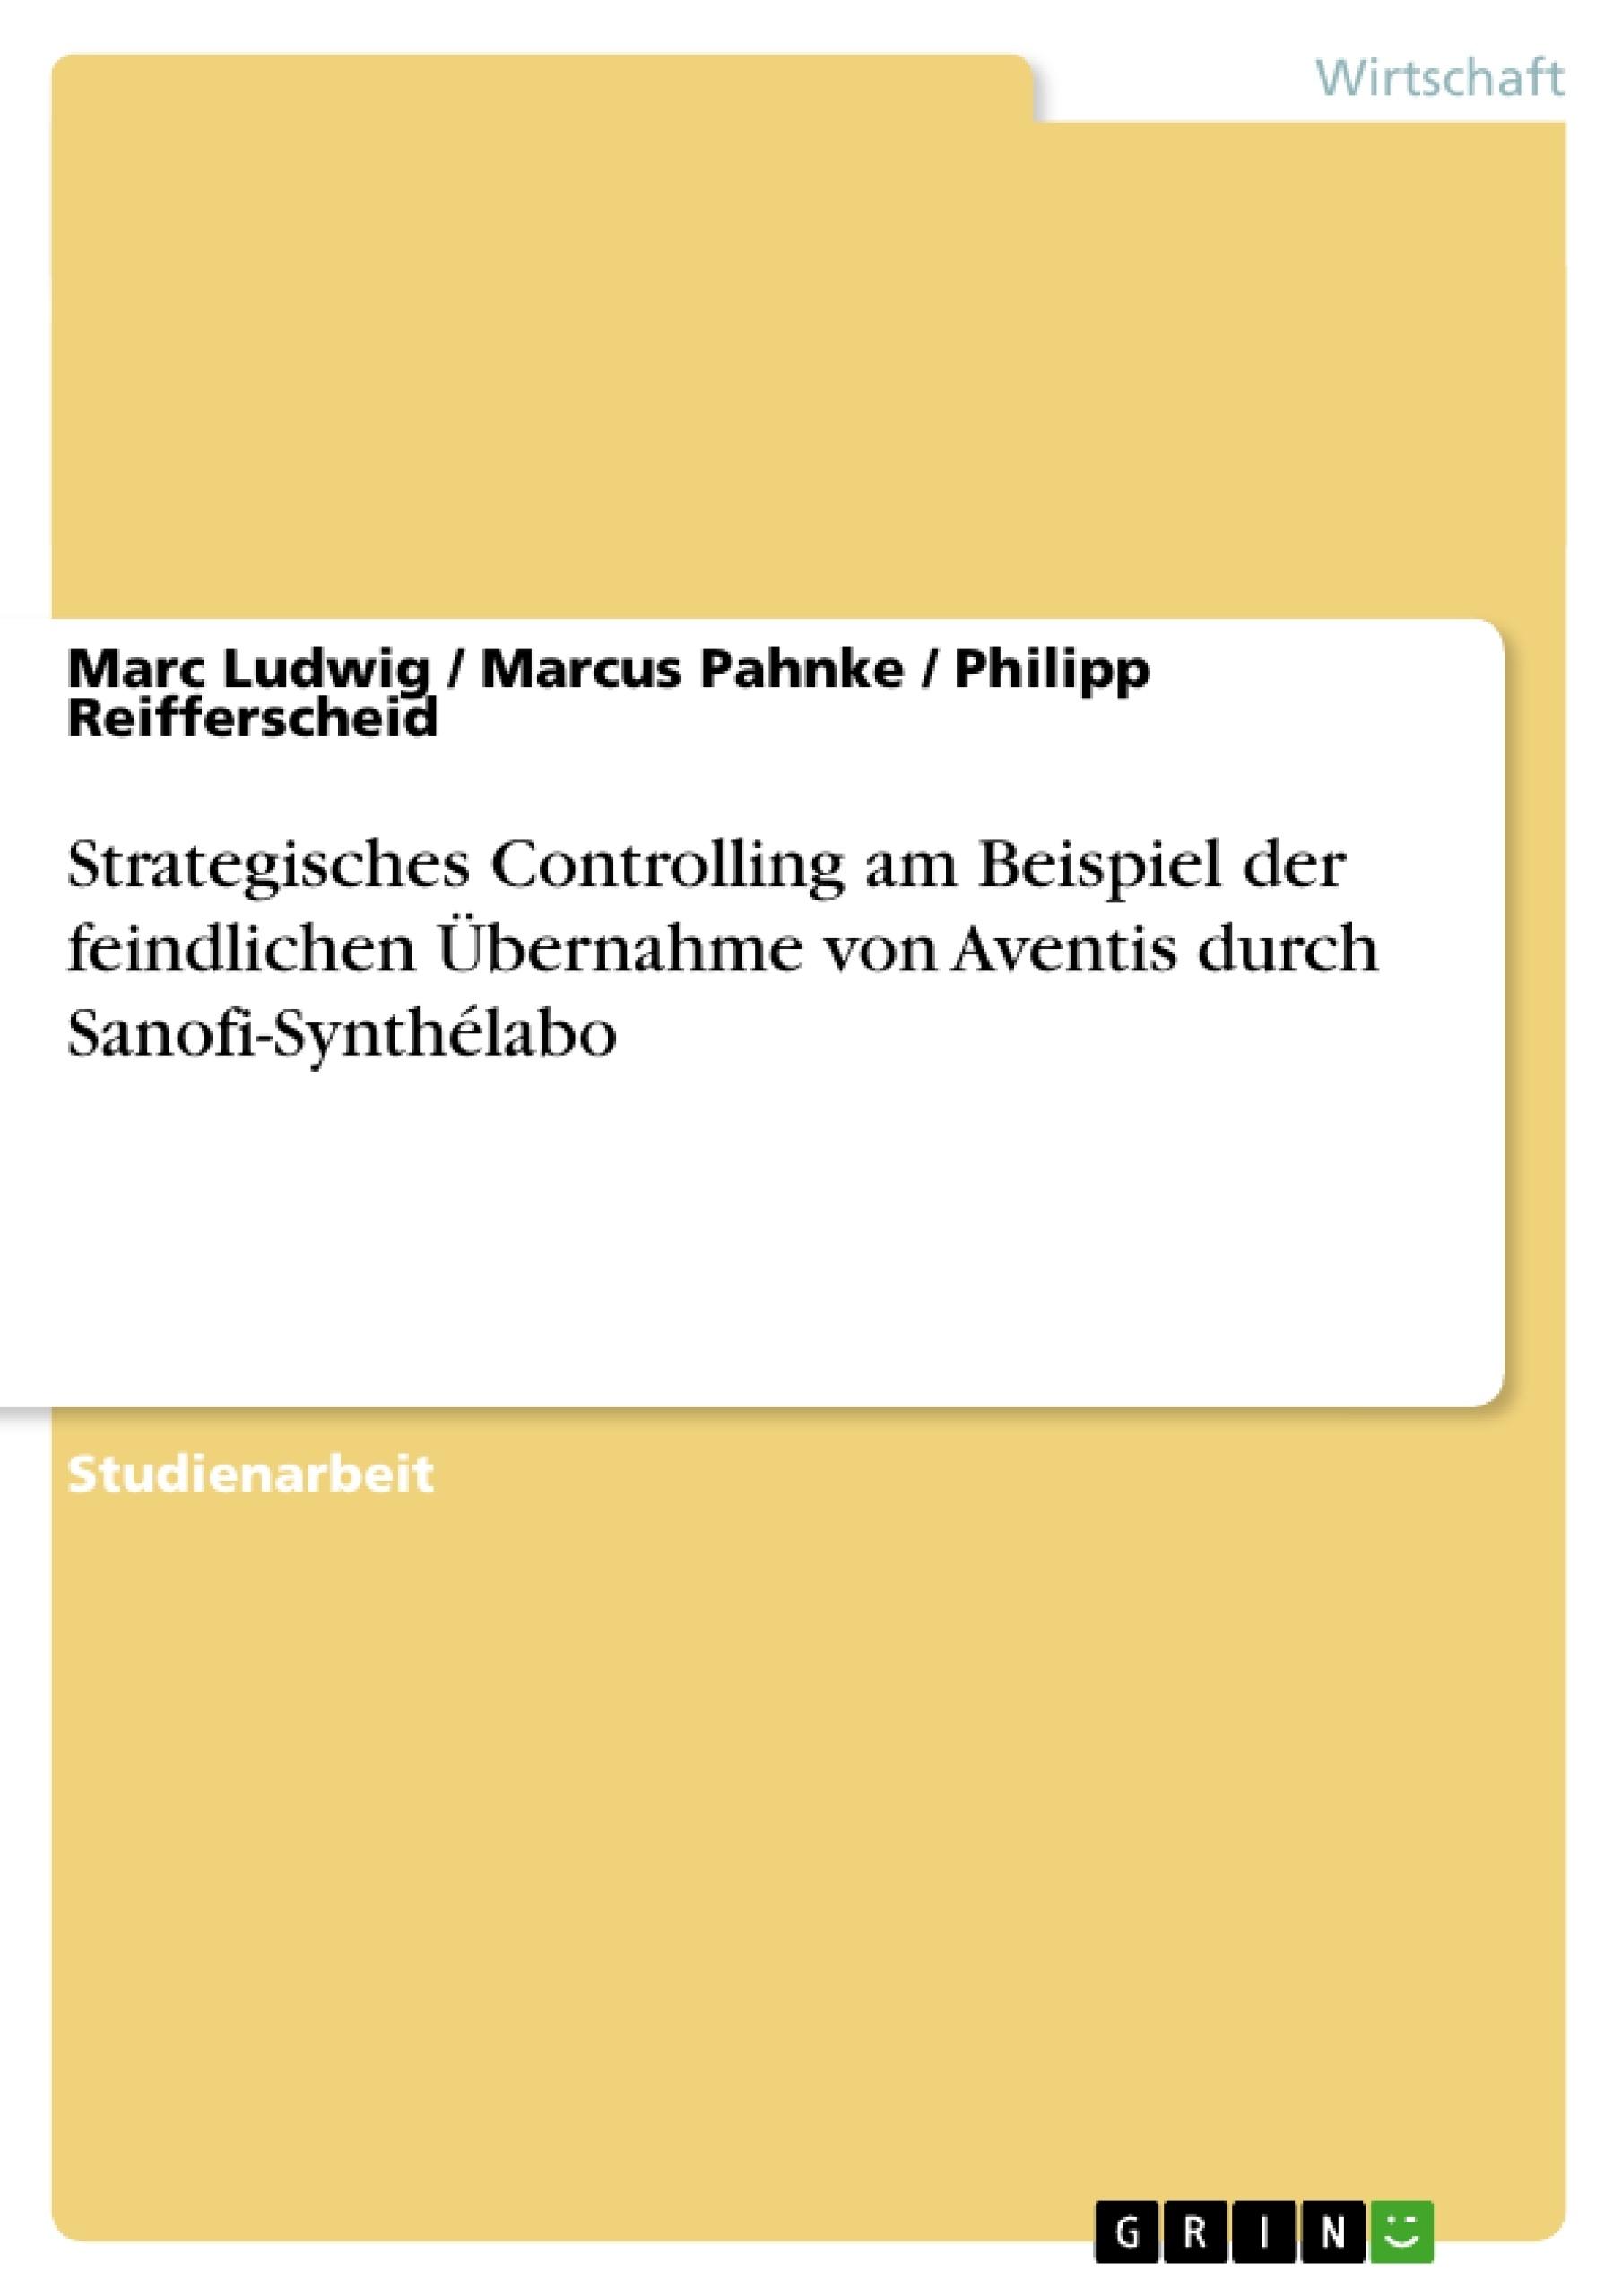 Titel: Strategisches Controlling am Beispiel der feindlichen Übernahme von Aventis durch Sanofi-Synthélabo